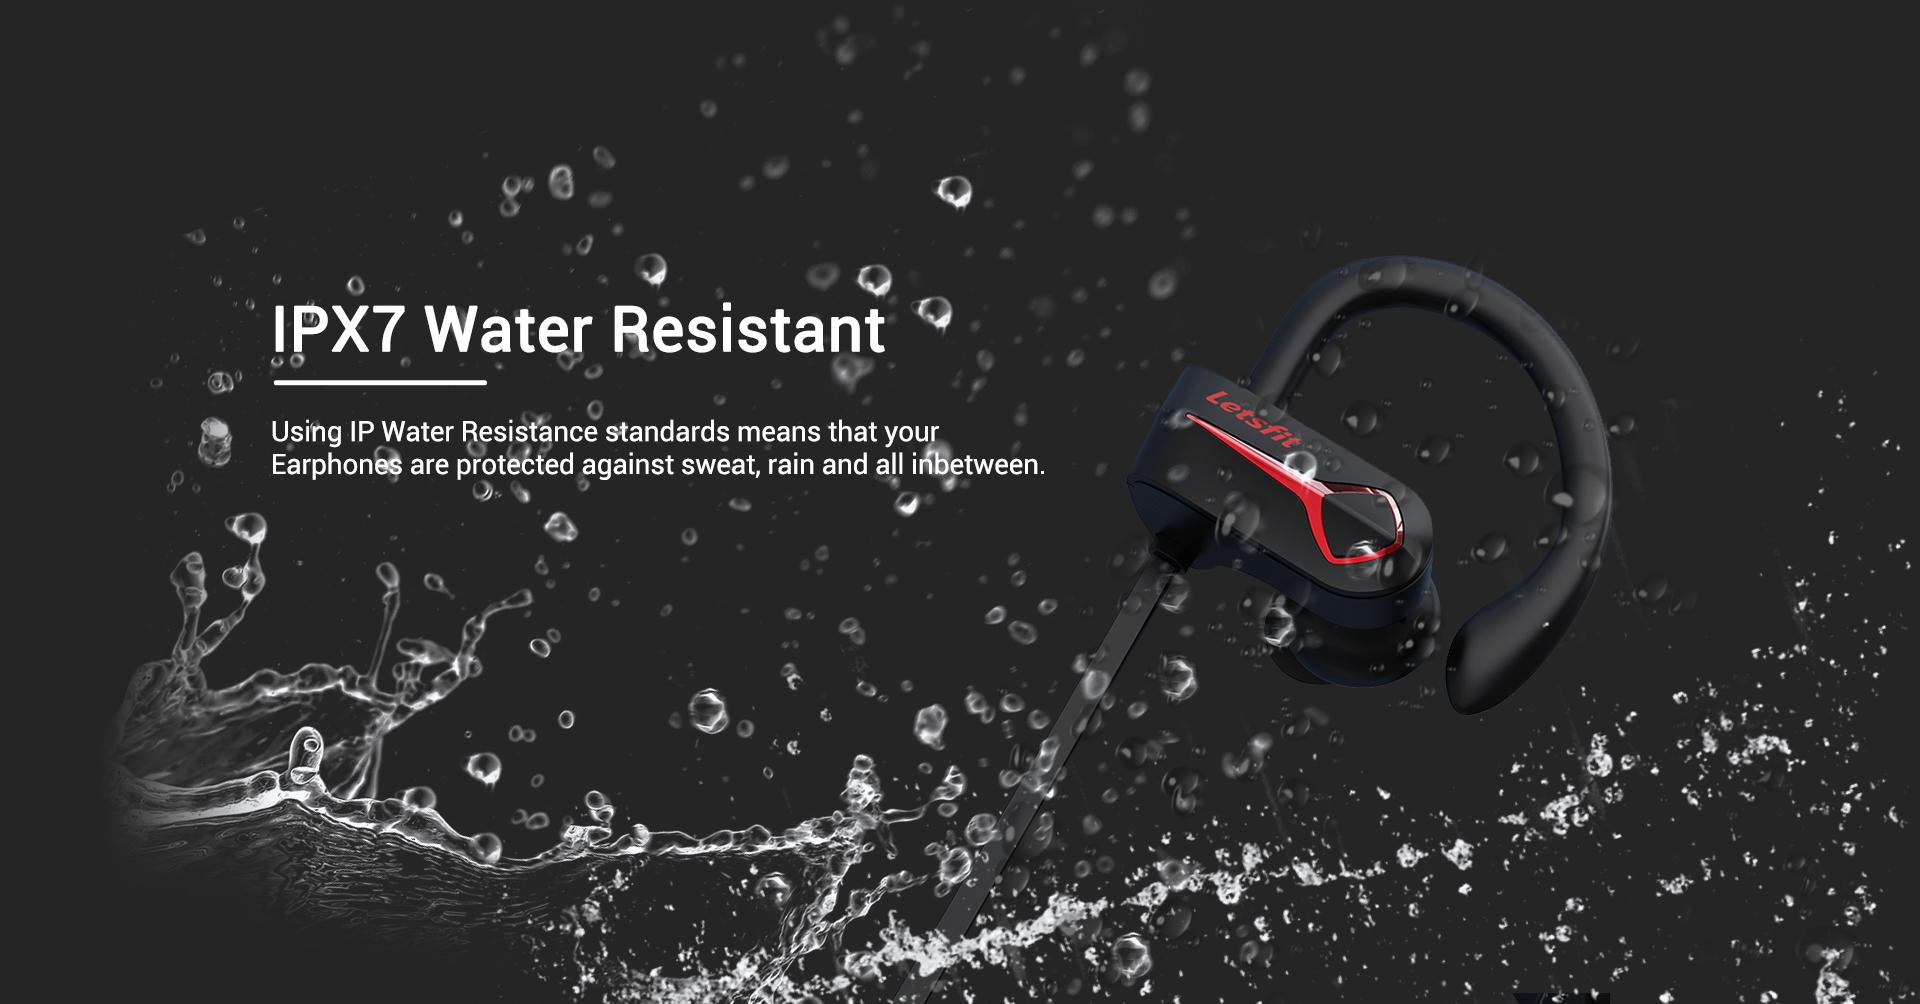 waterproof sports wireless earphones